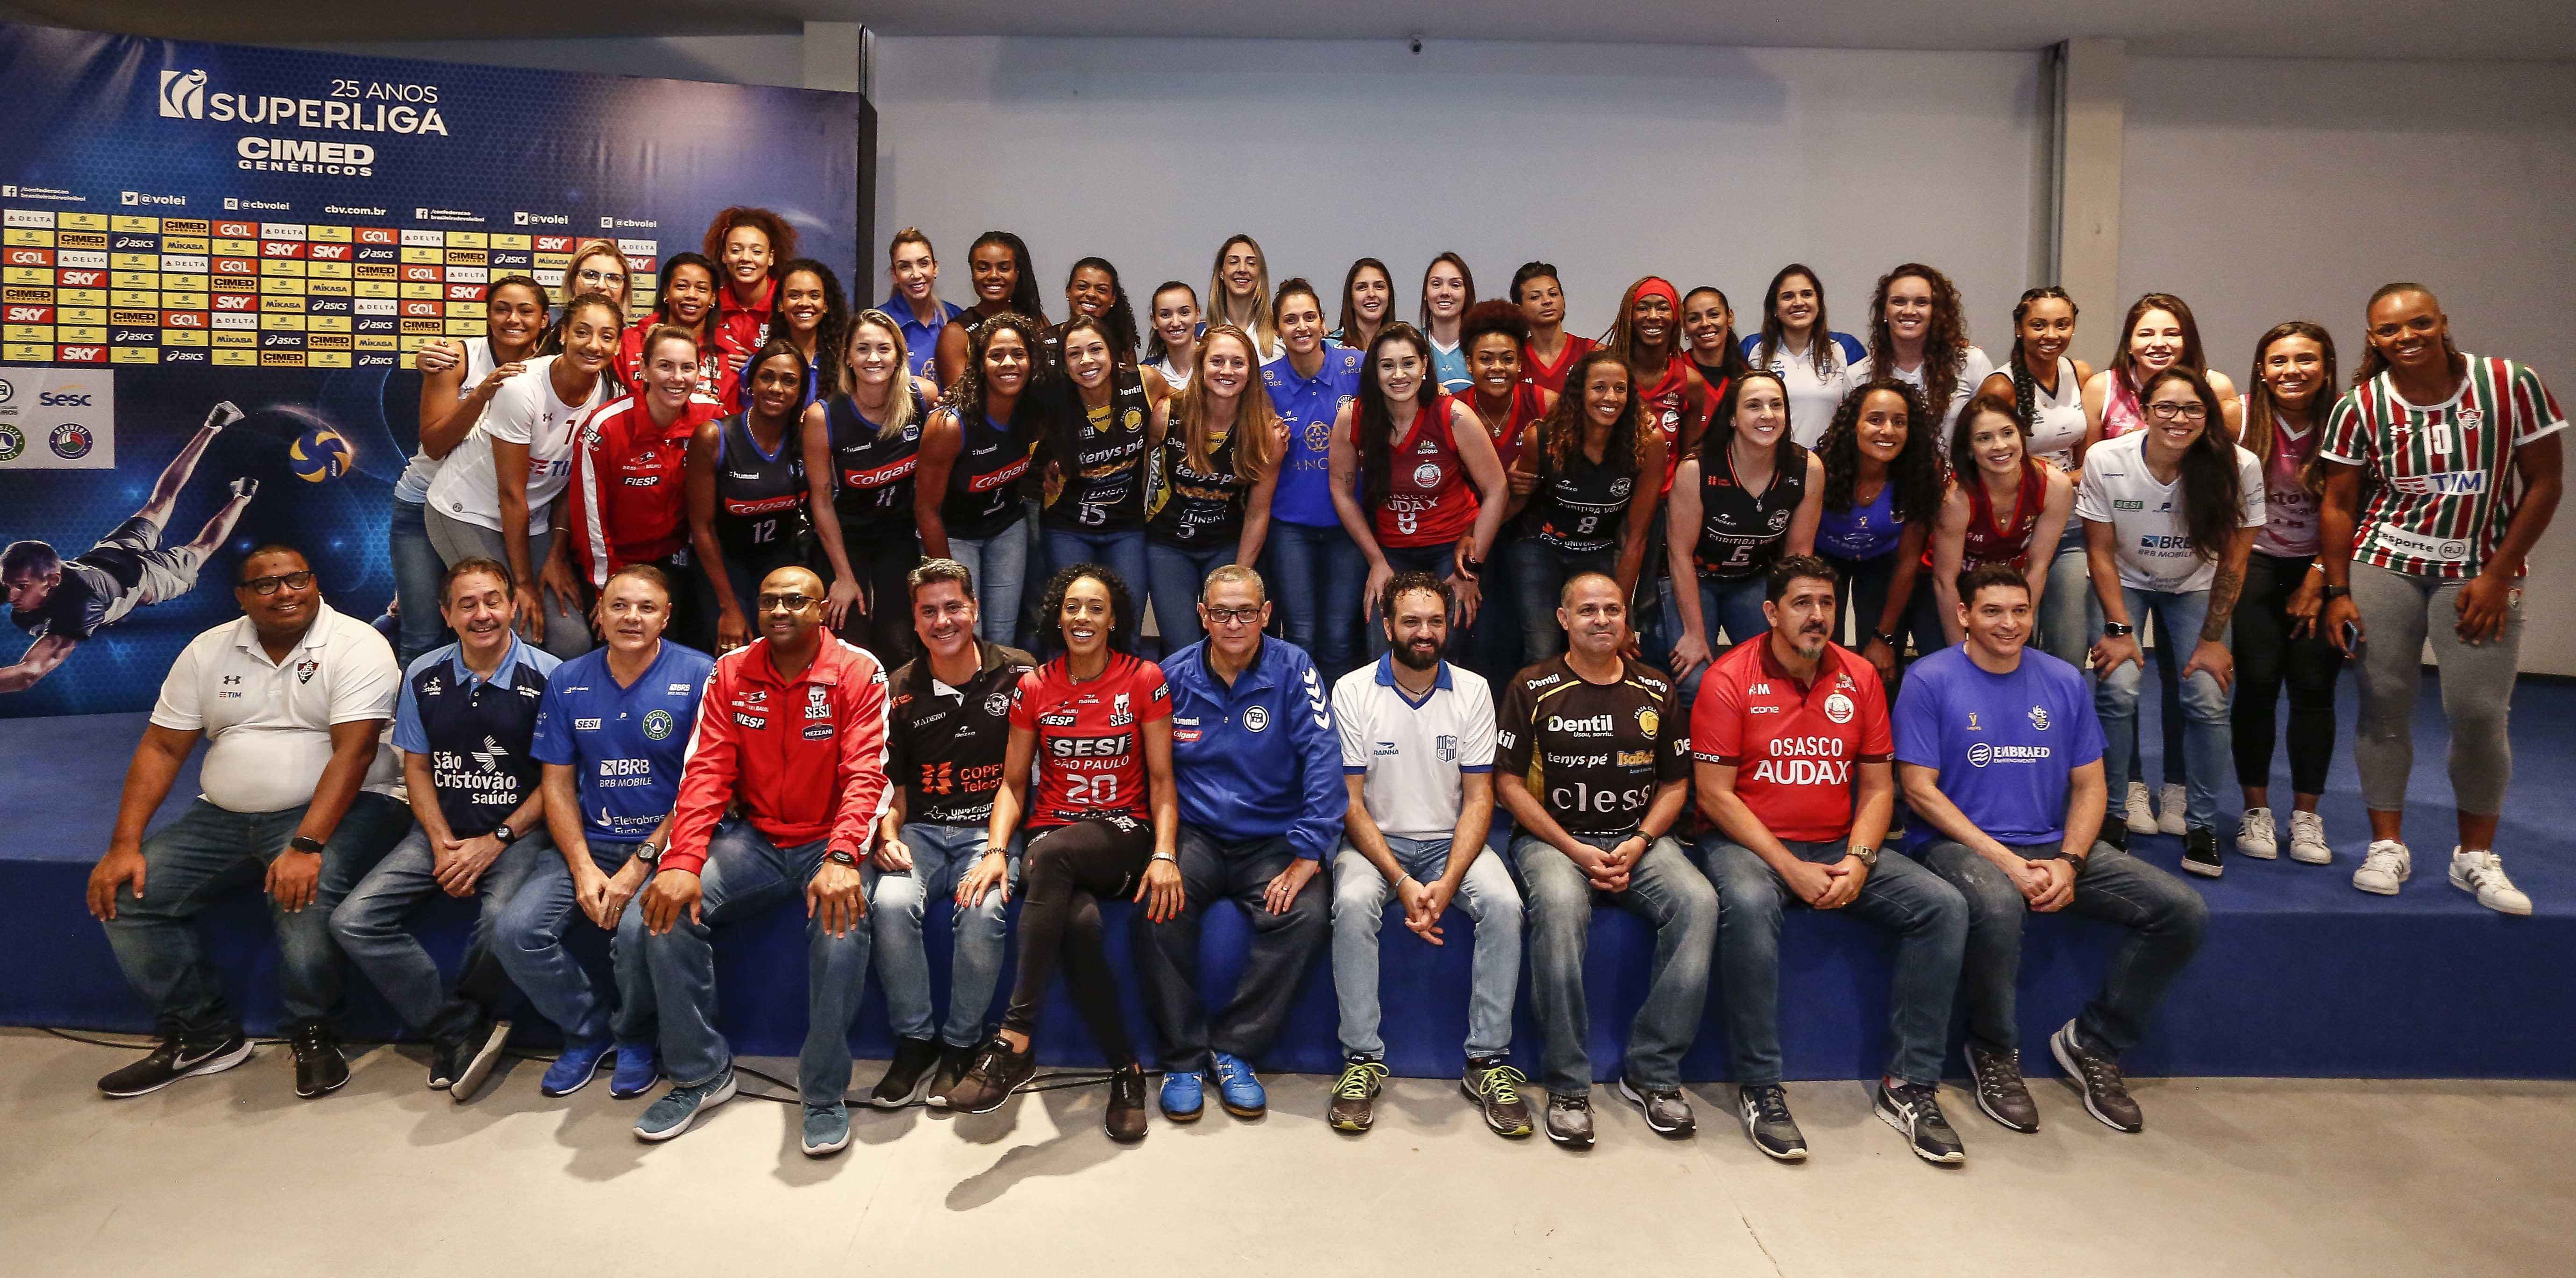 Lançamento em São Paulo reúne representantes dos 12 times participantes